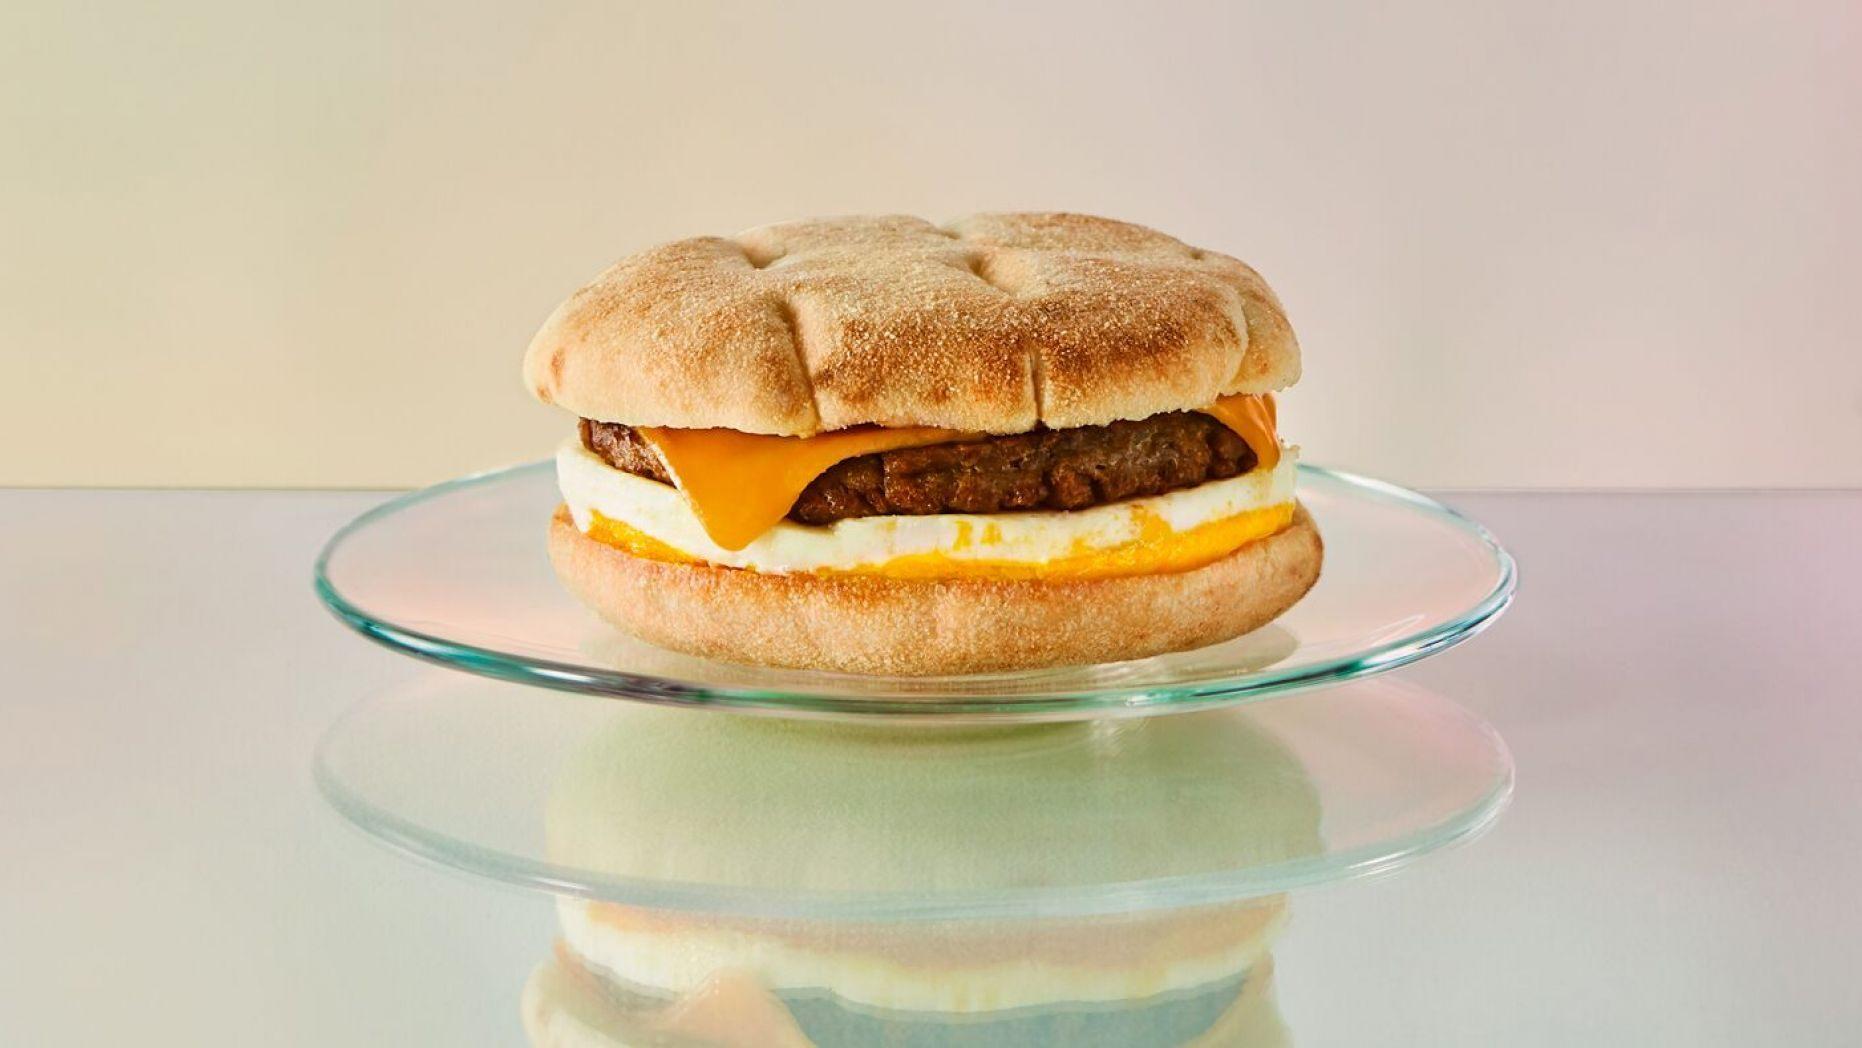 В меню Starbucks появились сэндвичи с растительным мясом